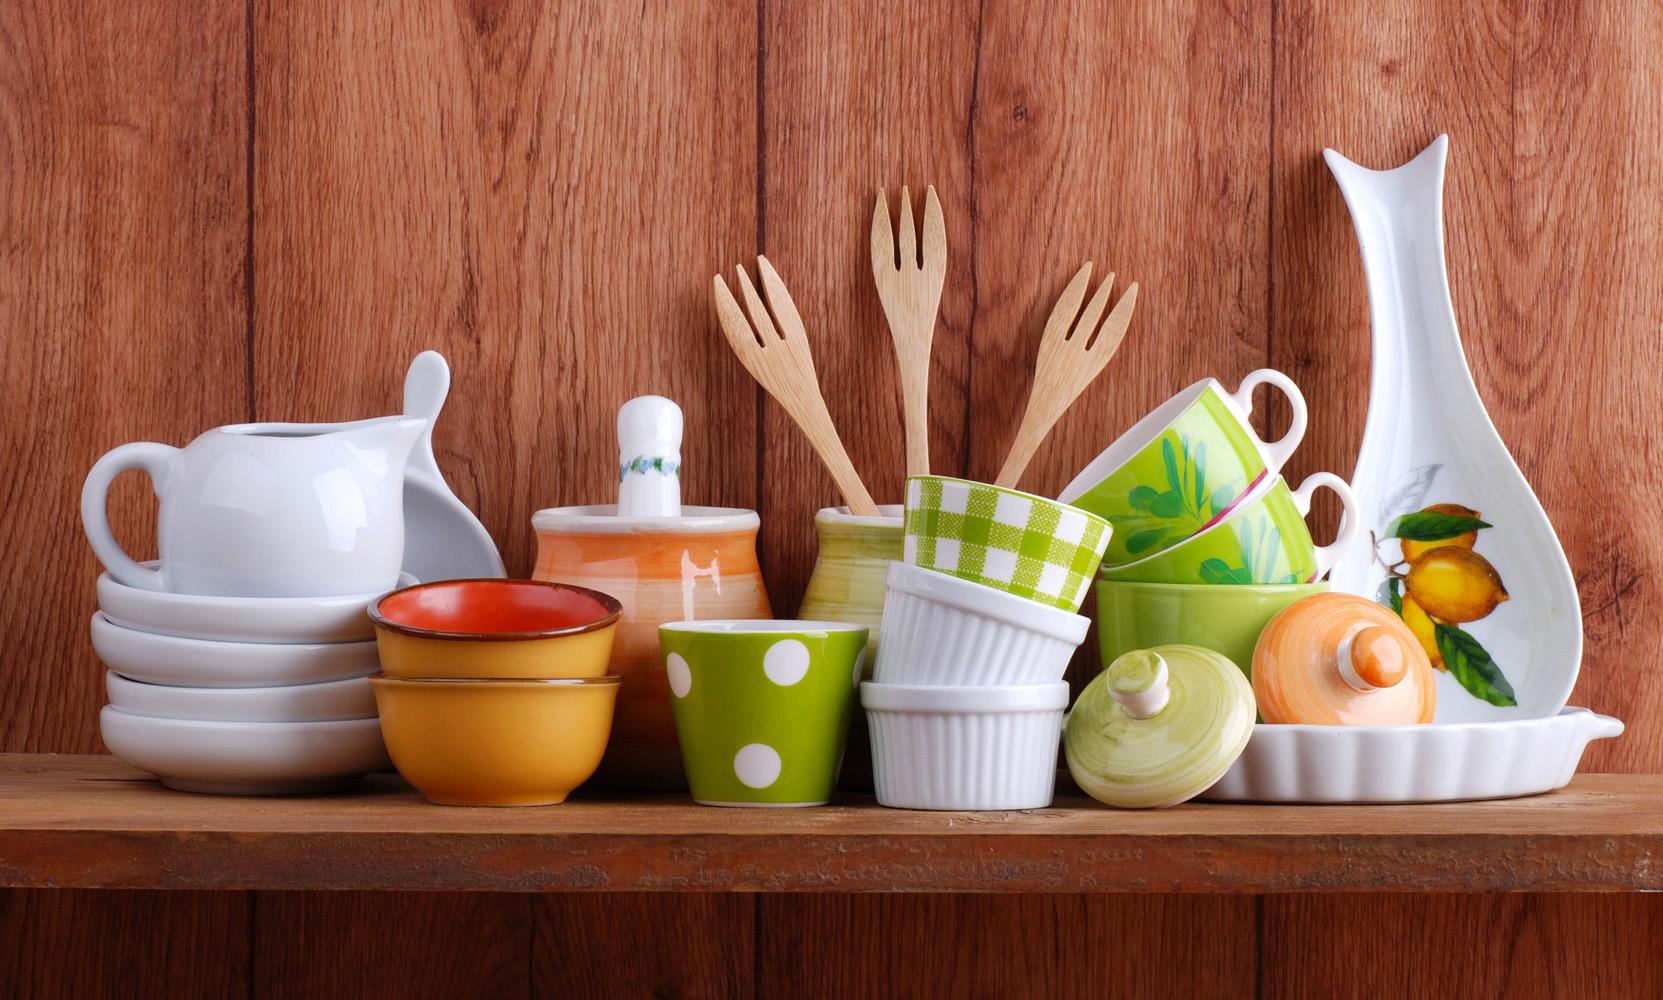 Utensilios de cocina y toxicidad i blog elena corrales for Utensilios de cocina tumblr